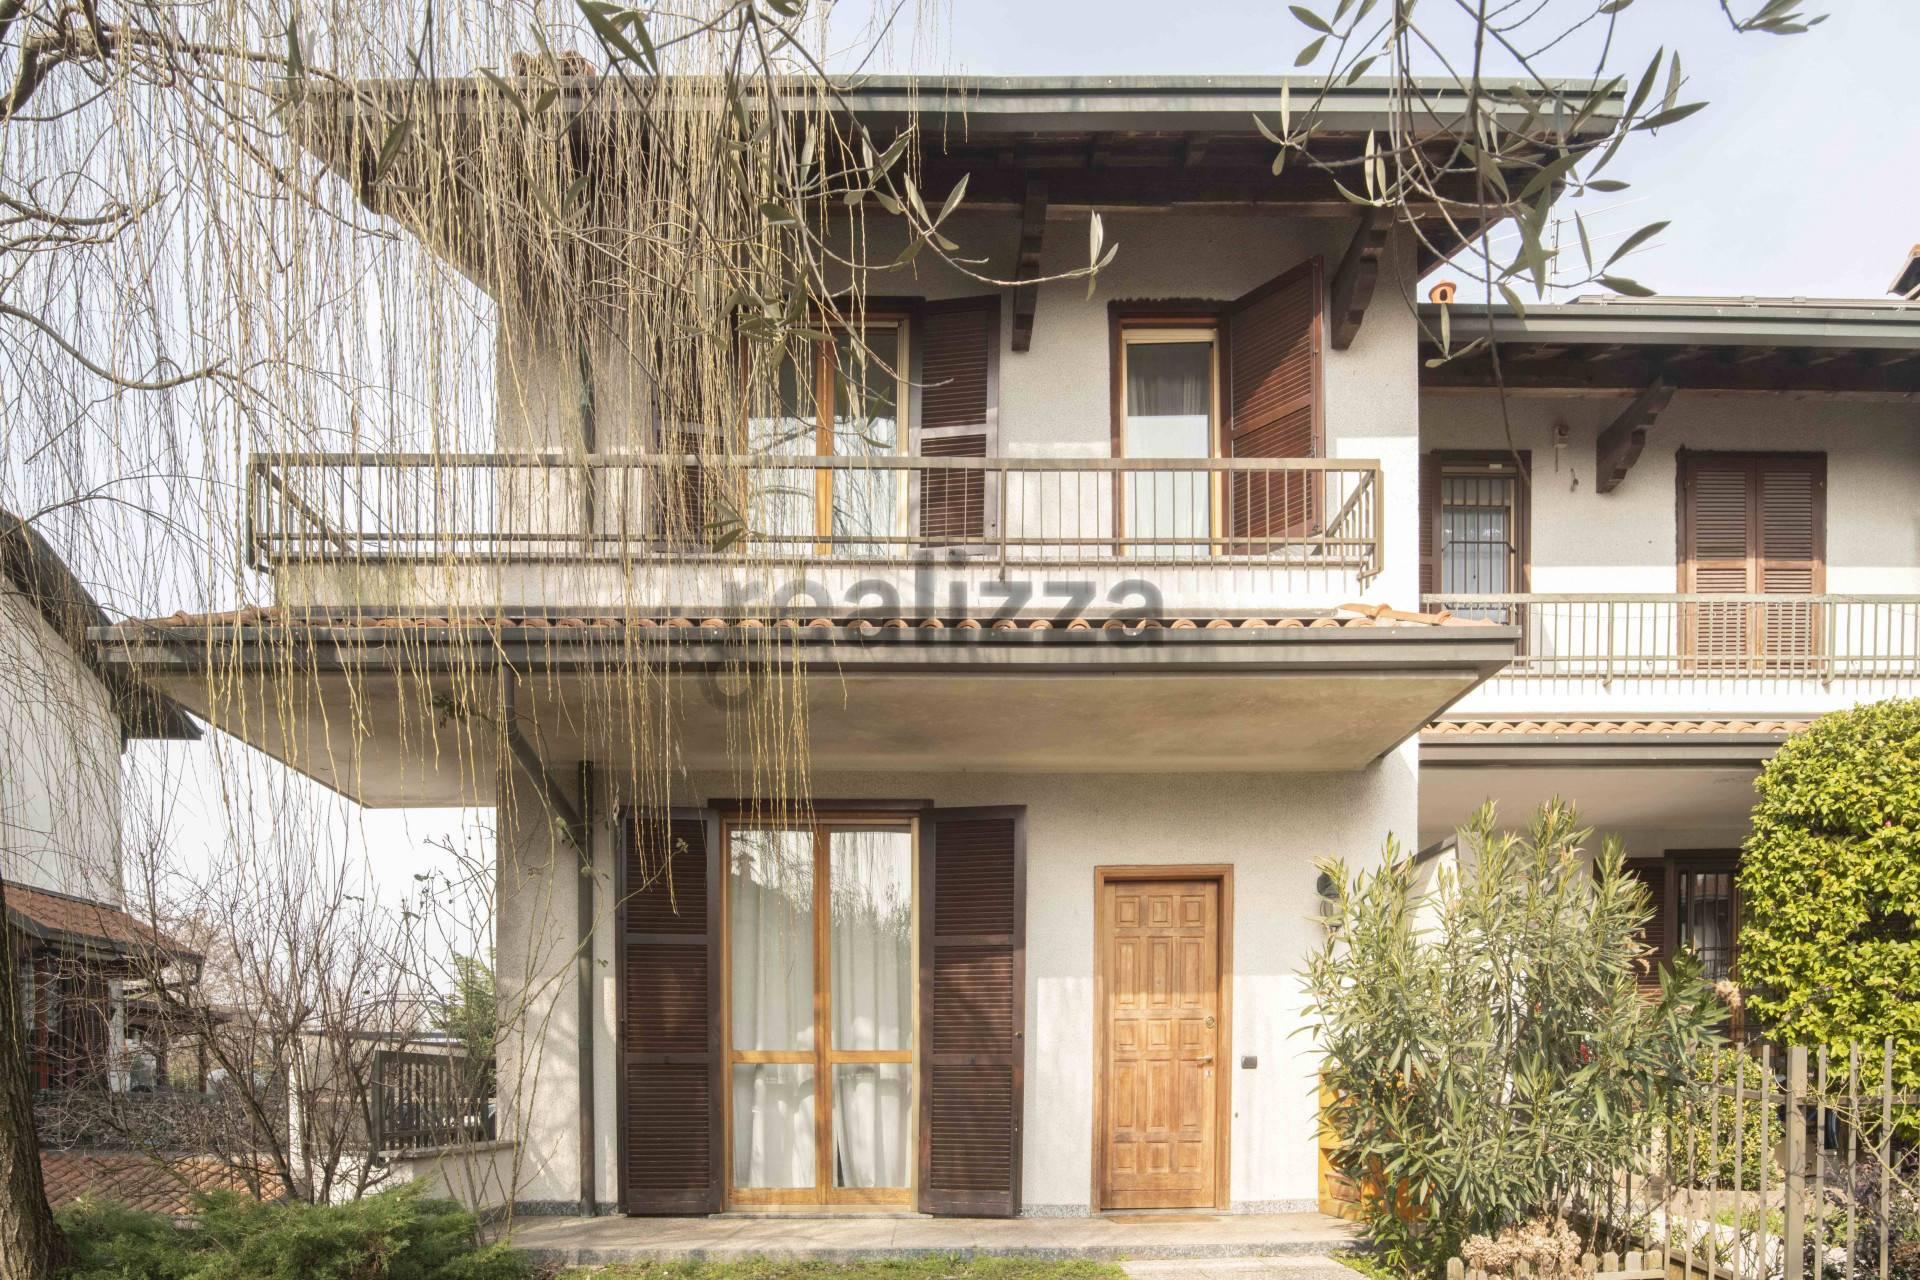 Casa indipendente in vendita a Pogliano Milanese (MI)